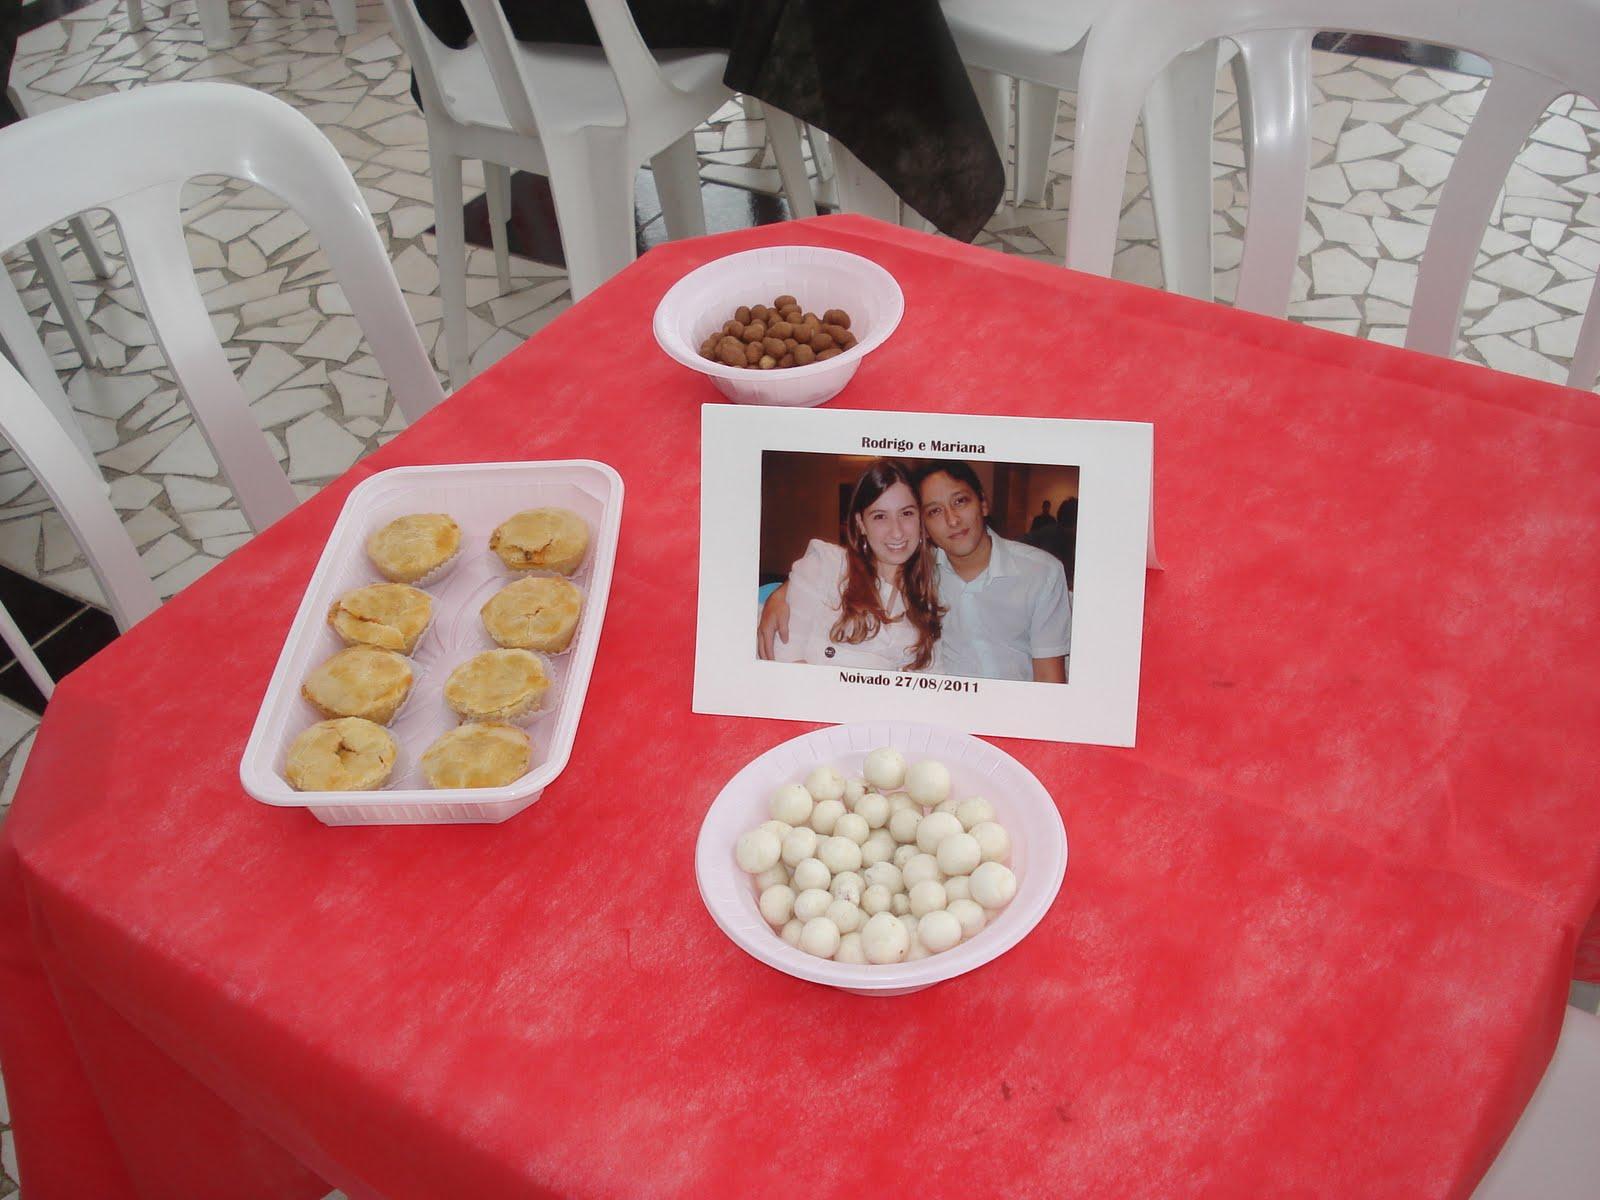 decoracao festa noivado:Pode acreditarVamos nos casar!: FESTA DE NOIVADO – part 1